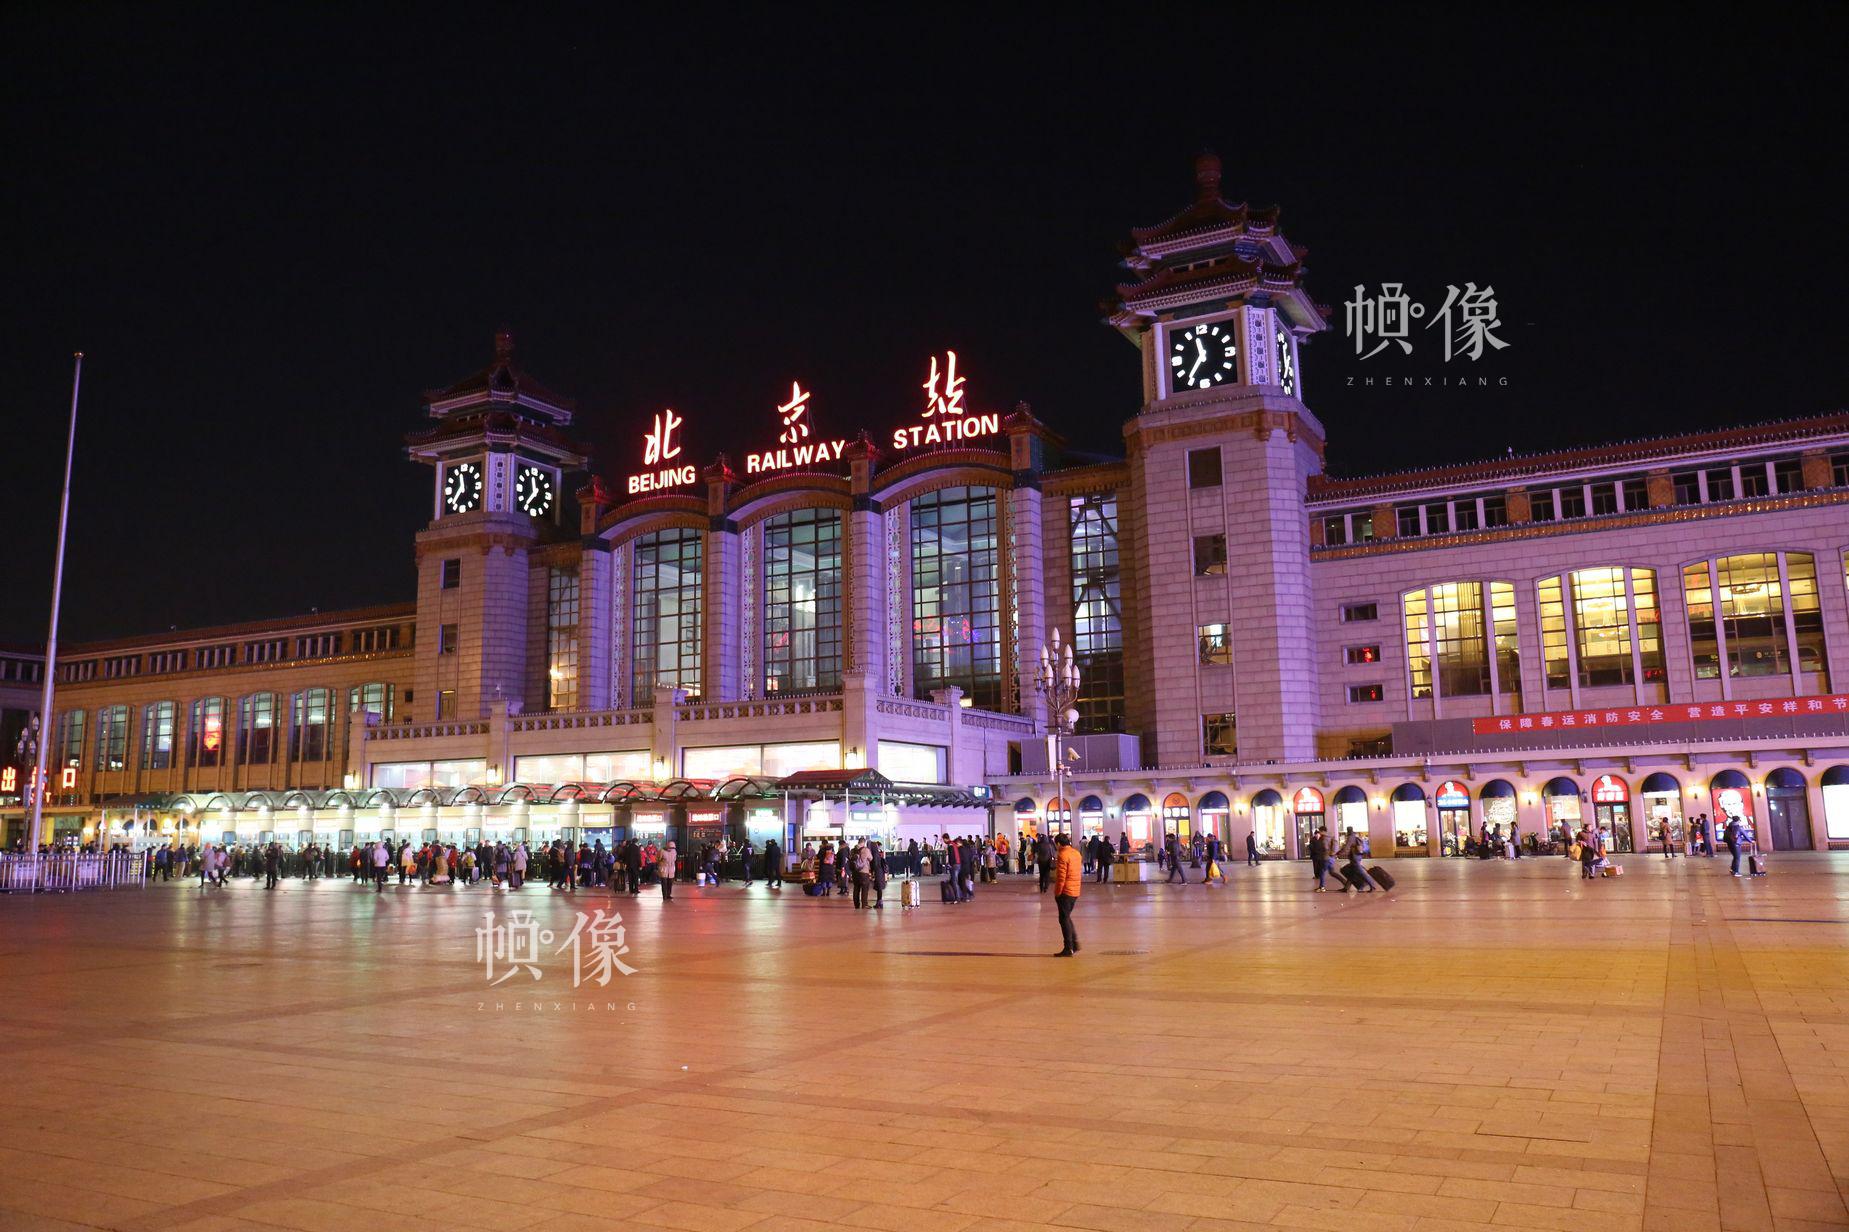 2017年春运拉开帷幕,北京火车站夜晚灯火通明。中国网 王梦泽 摄